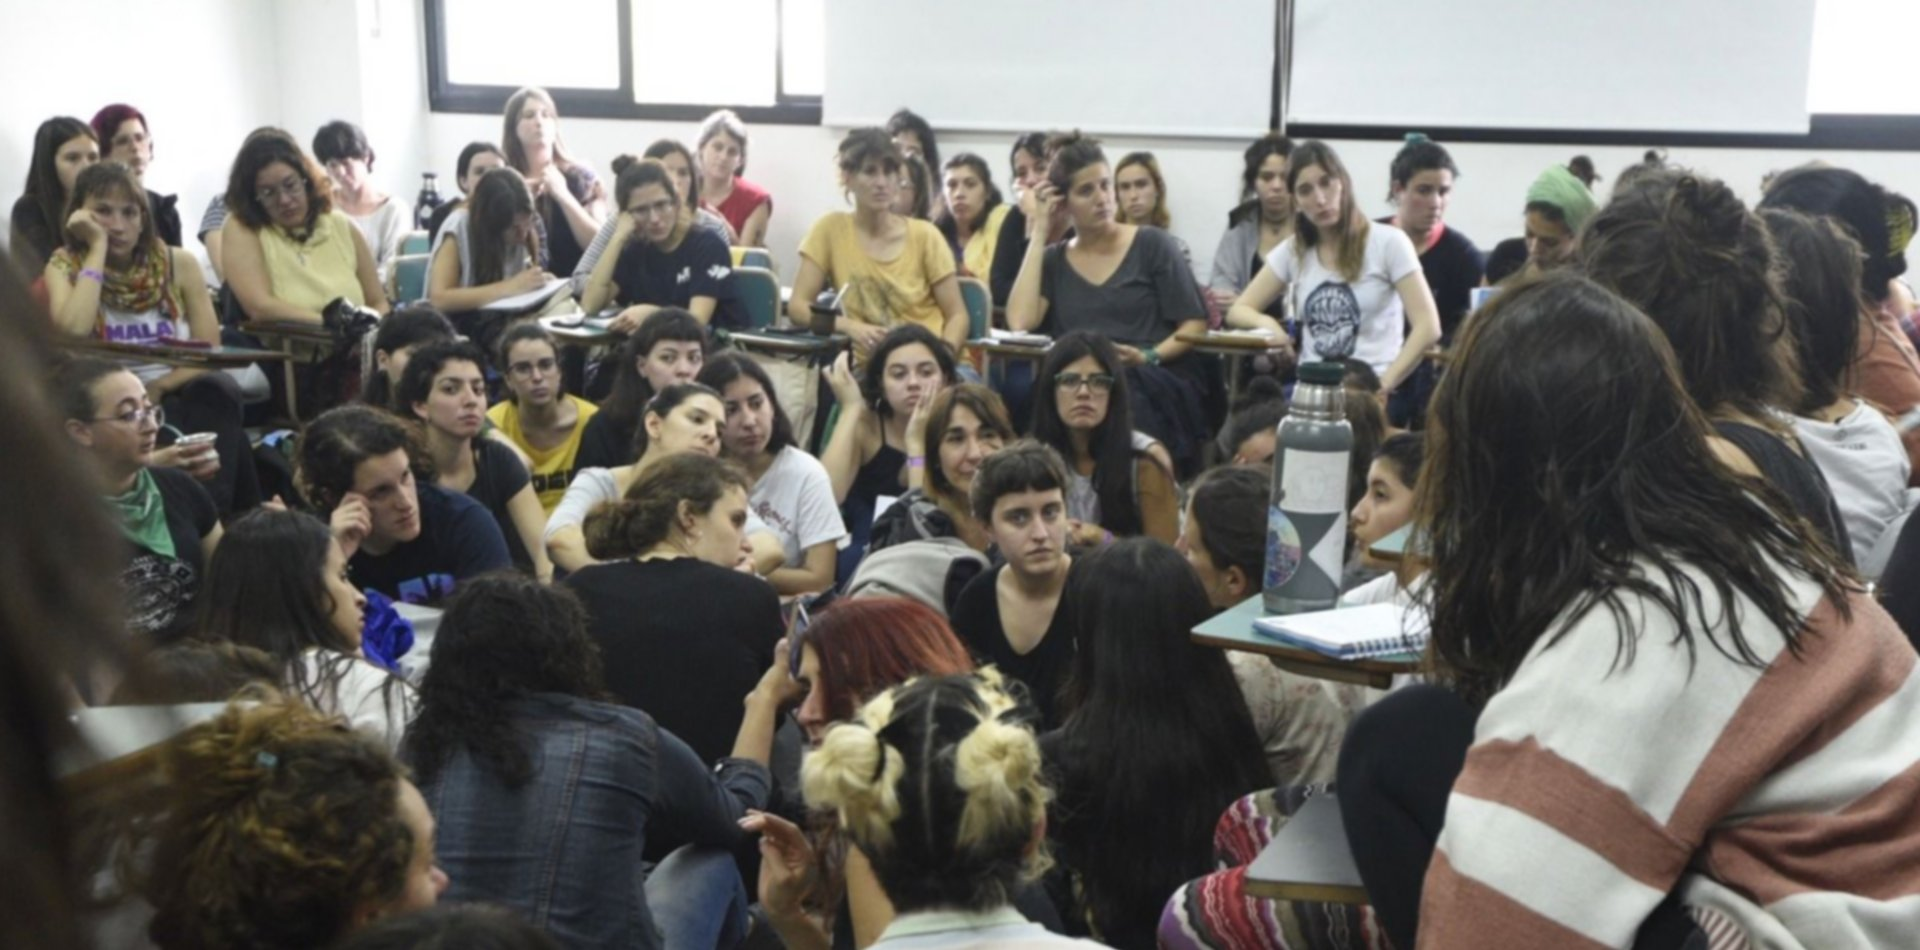 El corazón del Encuentro Feminista: cómo se vive un taller por dentro